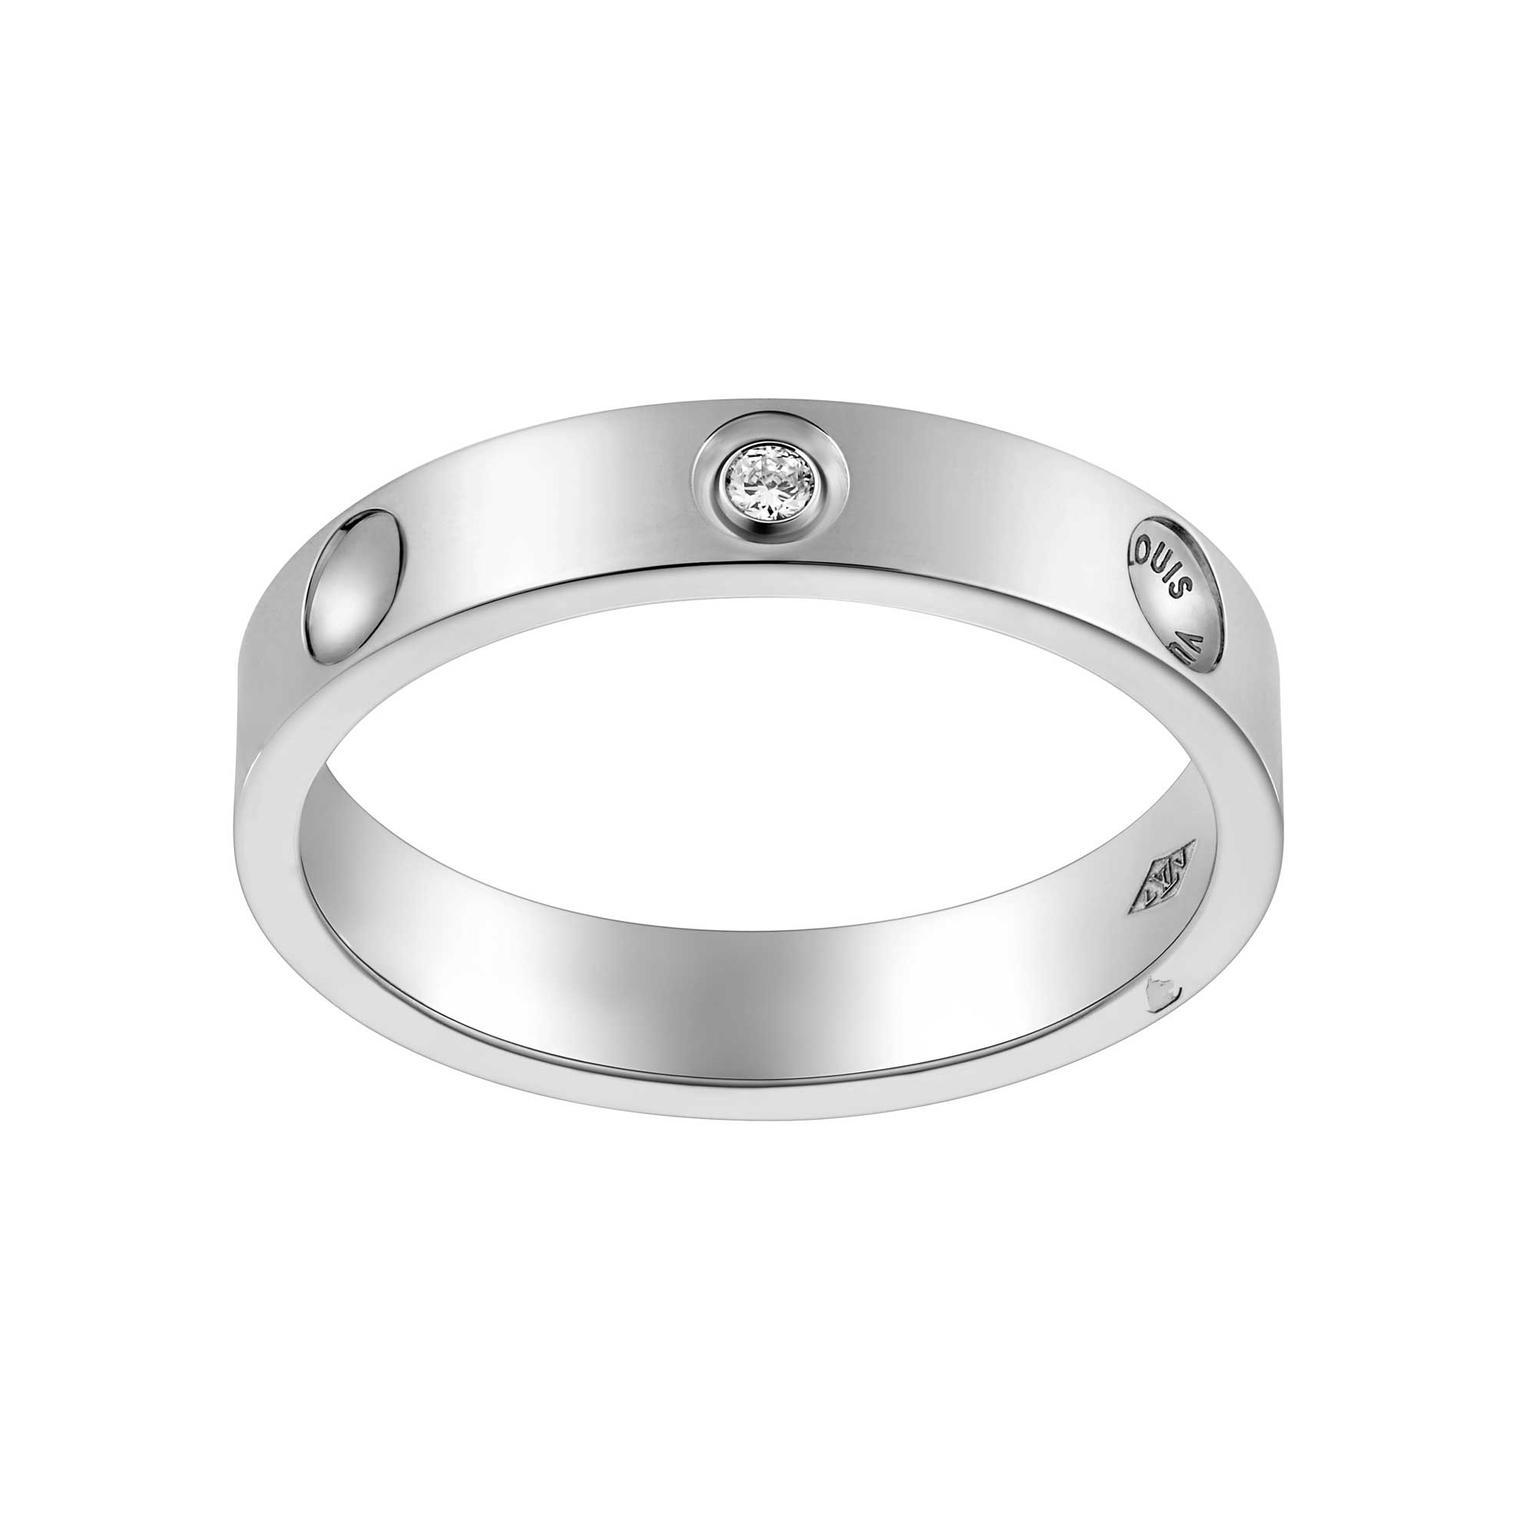 Louis Vuitton Empreinte Alliance Ring In Platinum With Diamonds